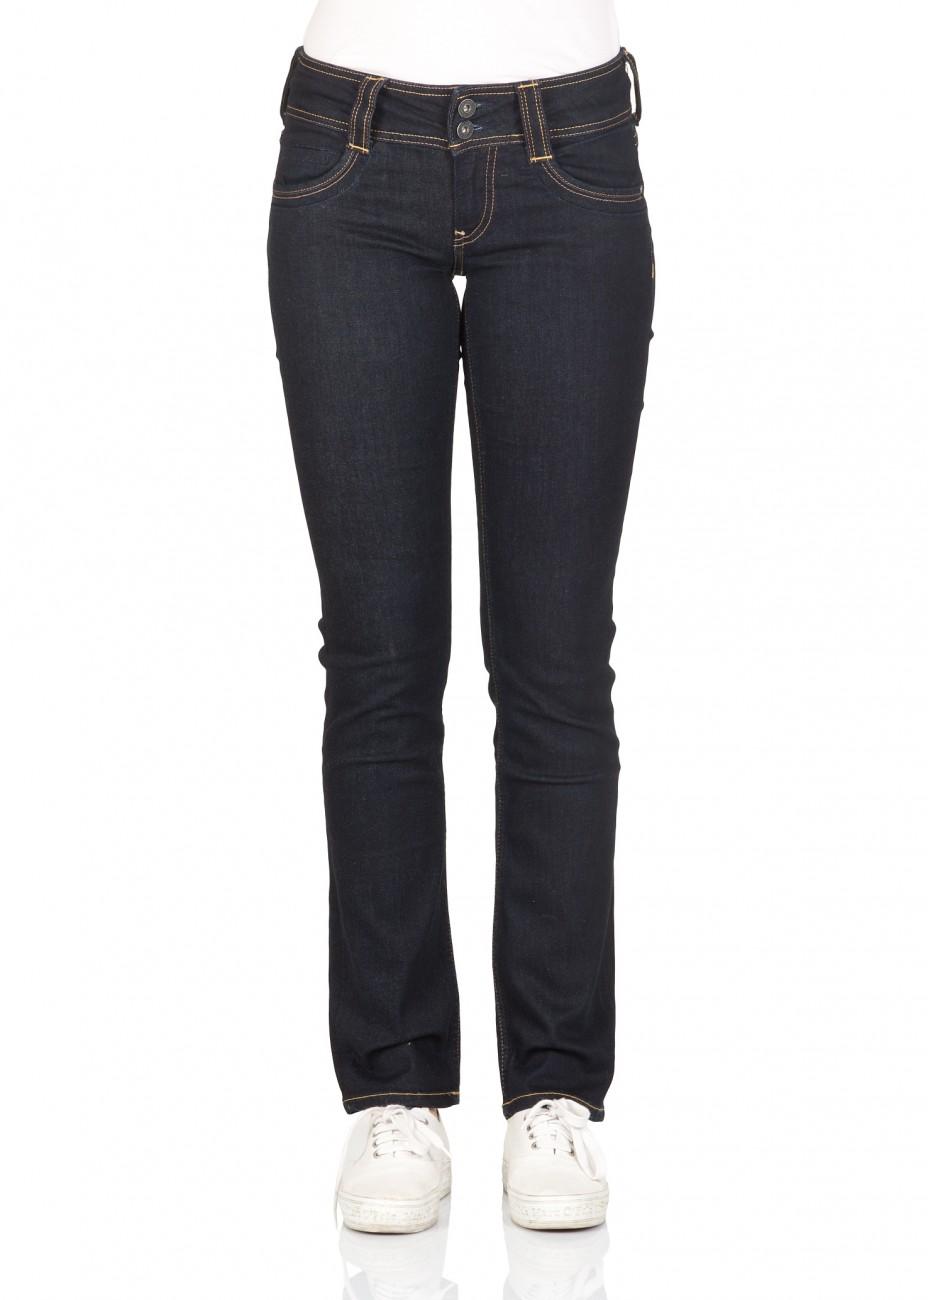 pepe jeans london damen jeans gen straight fit blau rinse plus denim kaufen jeans direct de. Black Bedroom Furniture Sets. Home Design Ideas